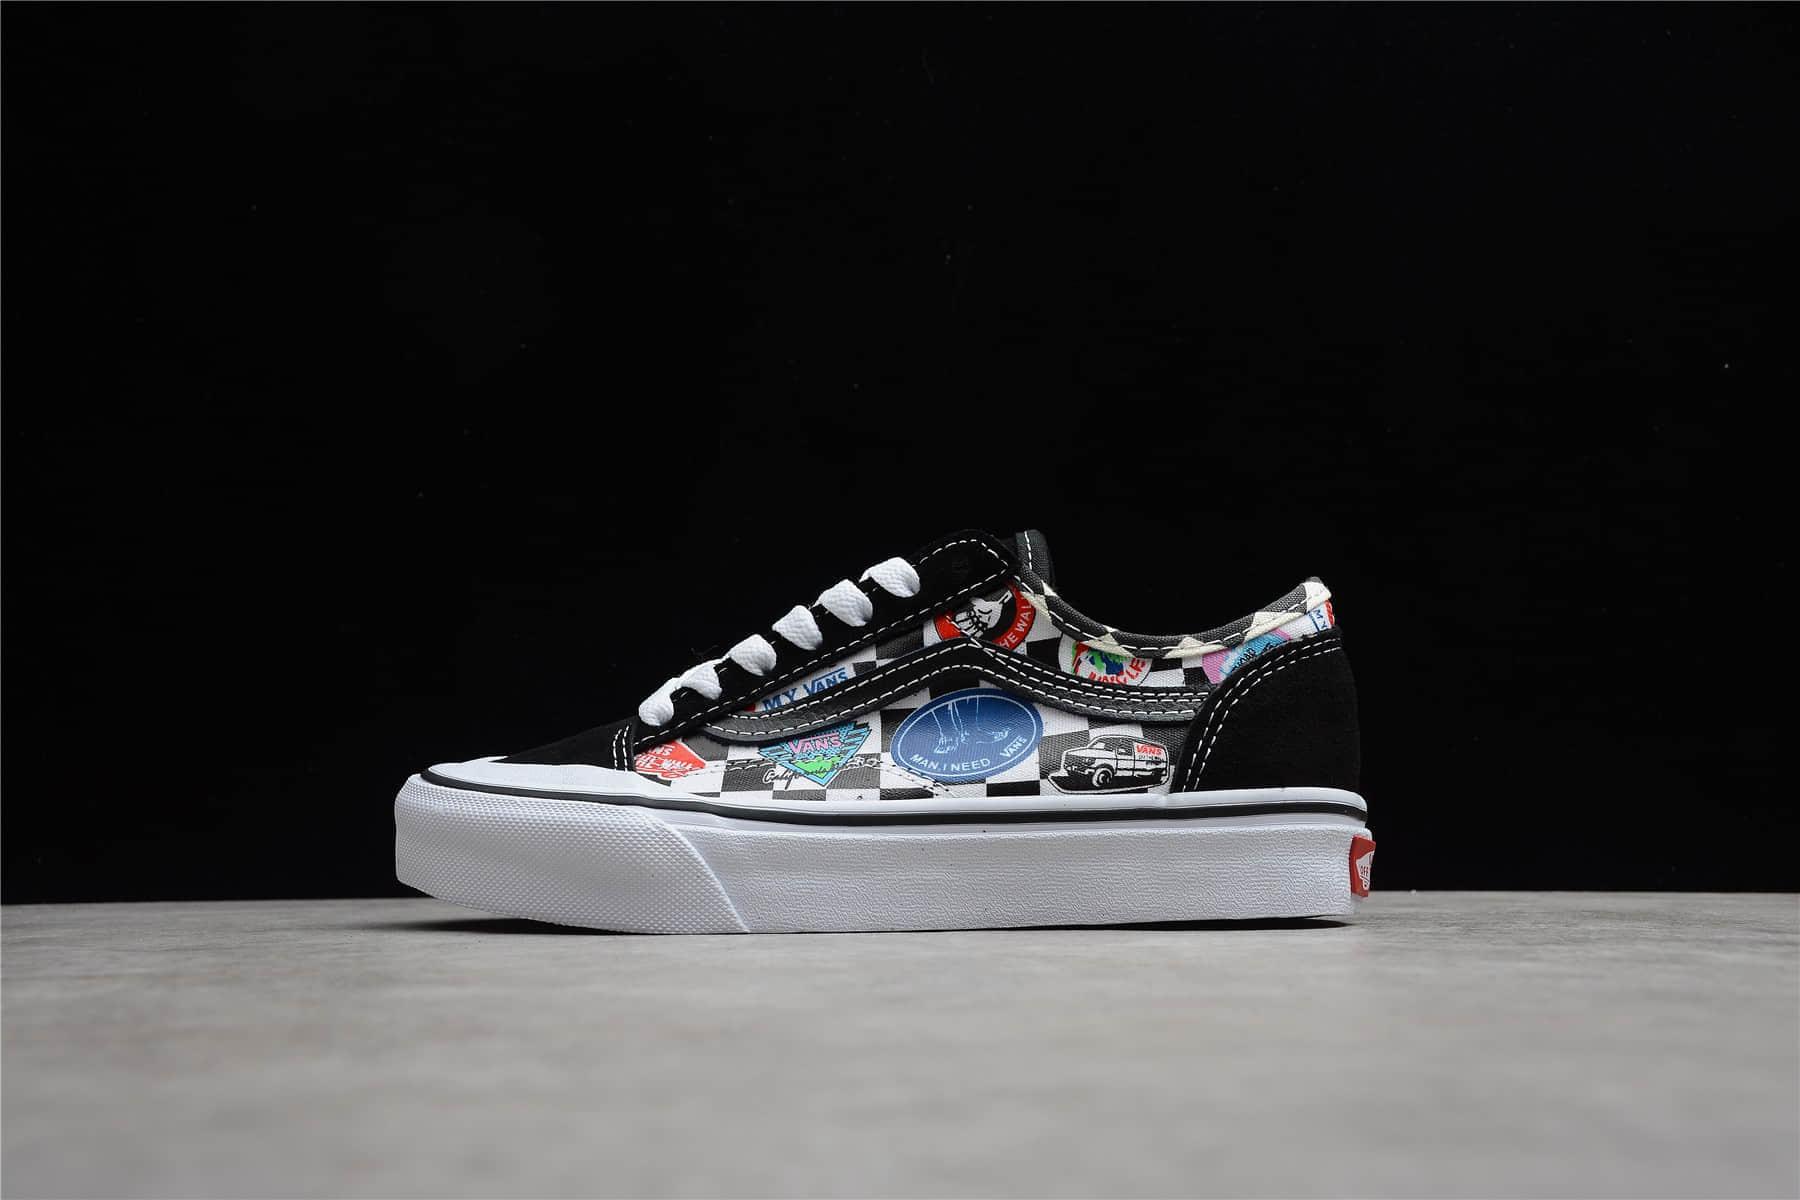 万斯黑色低帮涂鸦帆布鞋 VANS Style 36 SF 万斯彩色LOGO印花 货号:VN0A3MVL3P0-潮流者之家